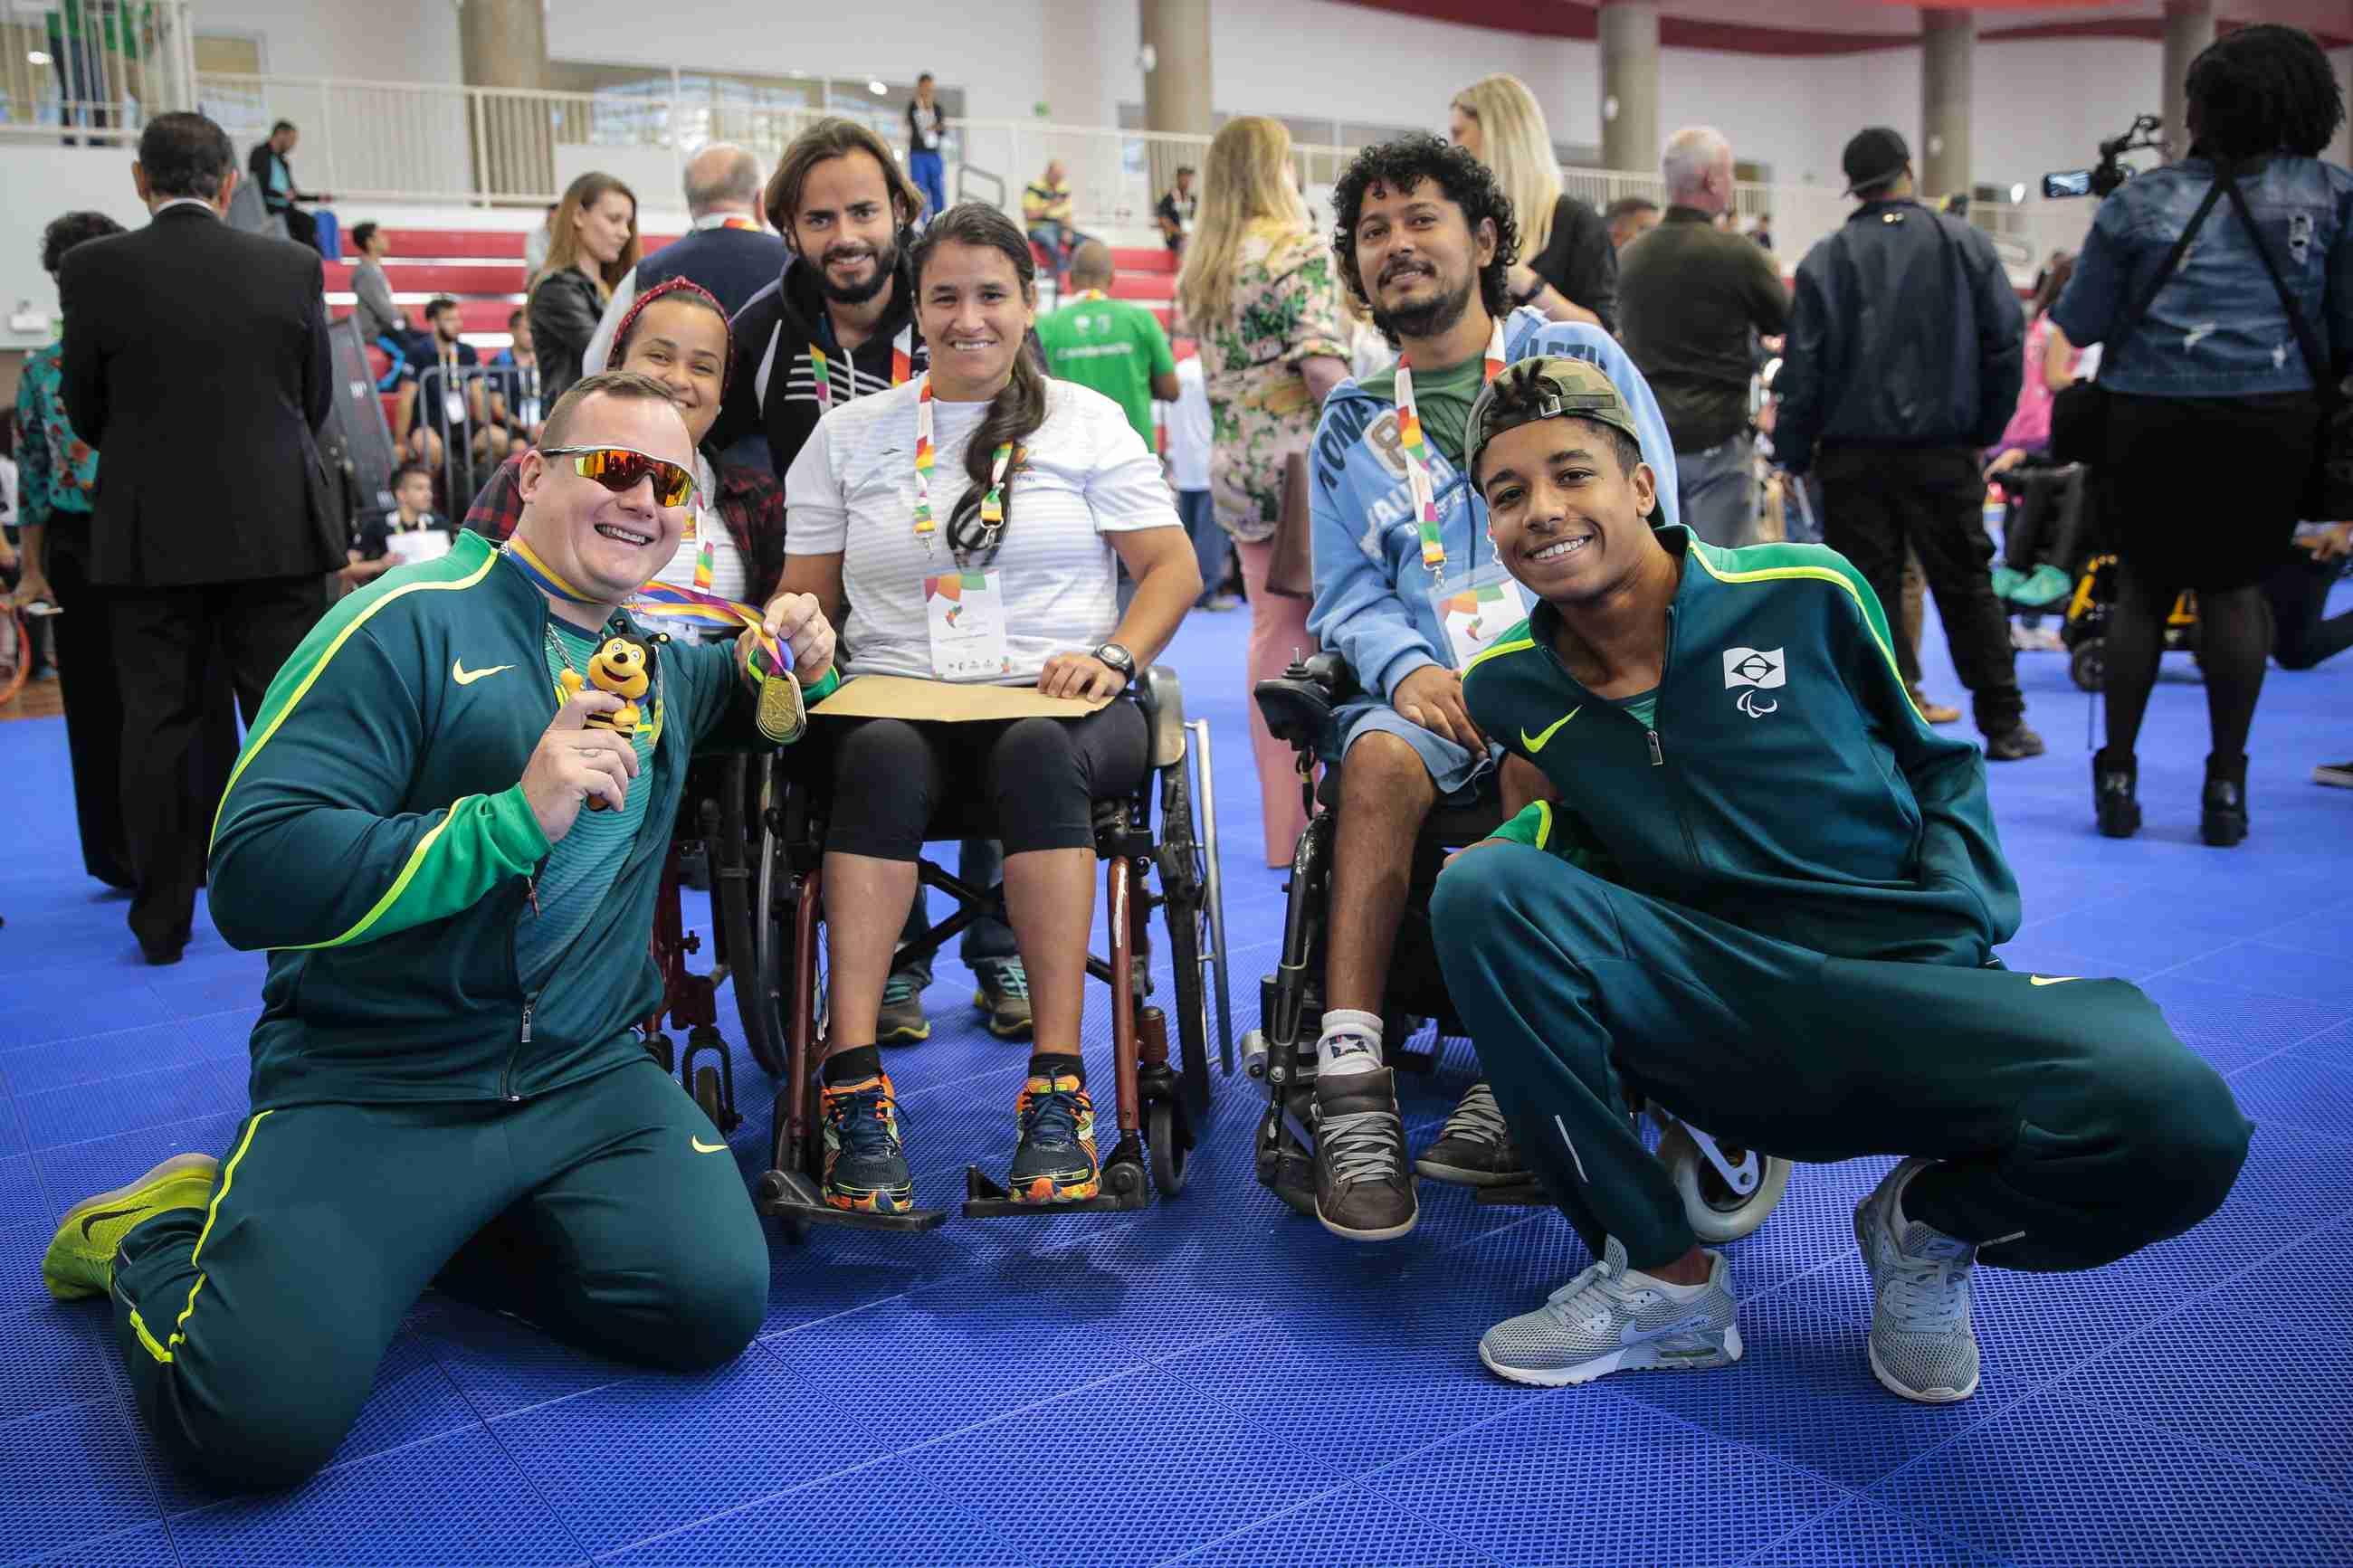 27/07/2017 - Jogos Paralímpicos Universitários - Cerimonia de abertura